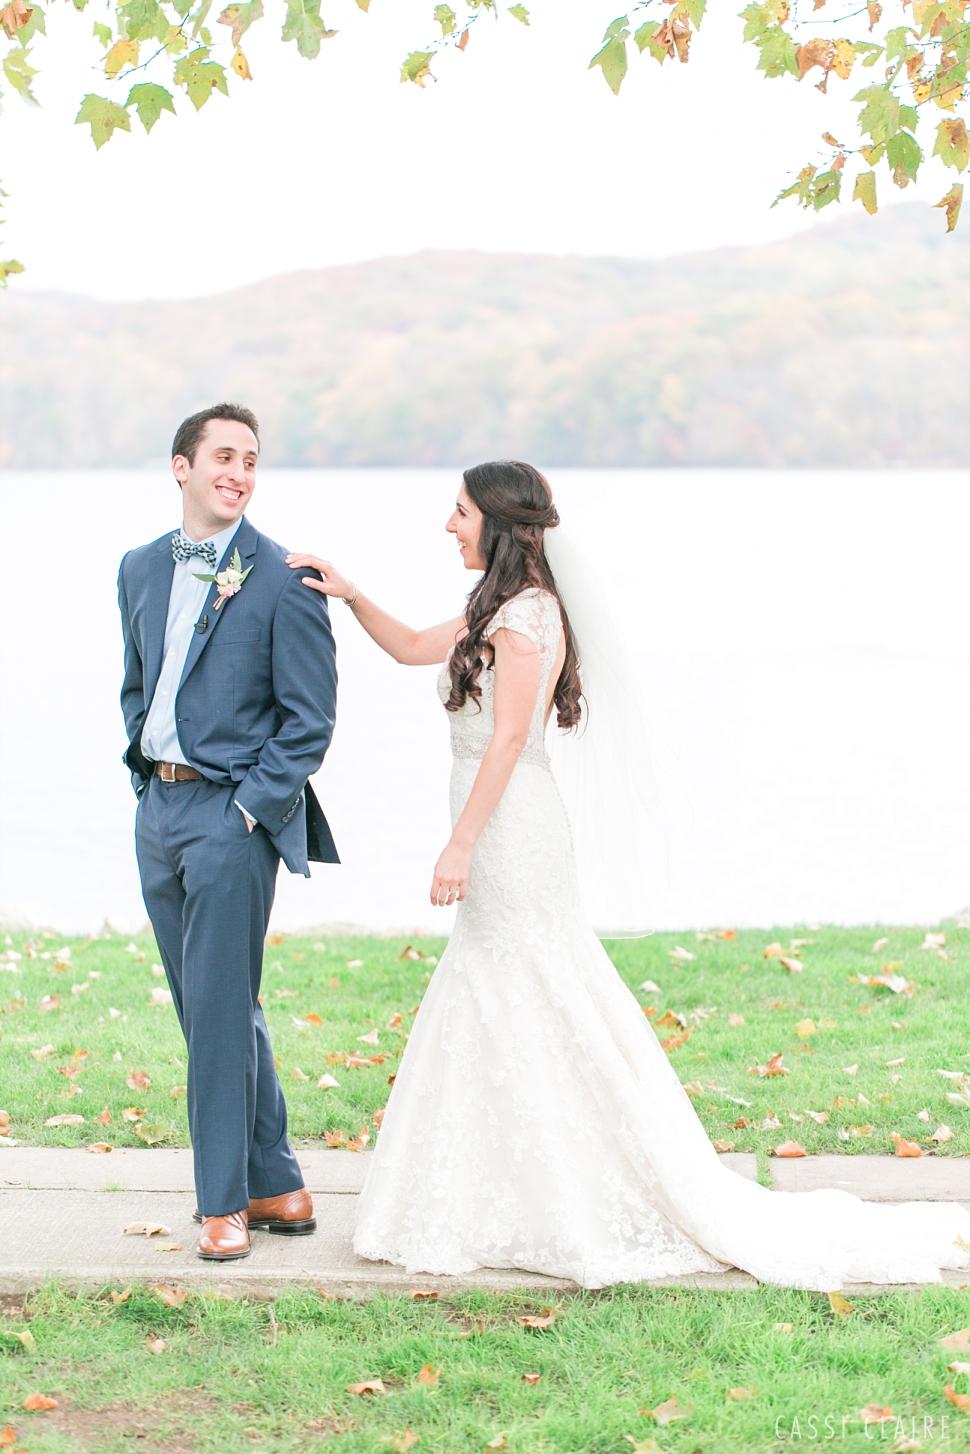 Lake-Valhalla-Club-Wedding_Cassi-Claire_15.jpg